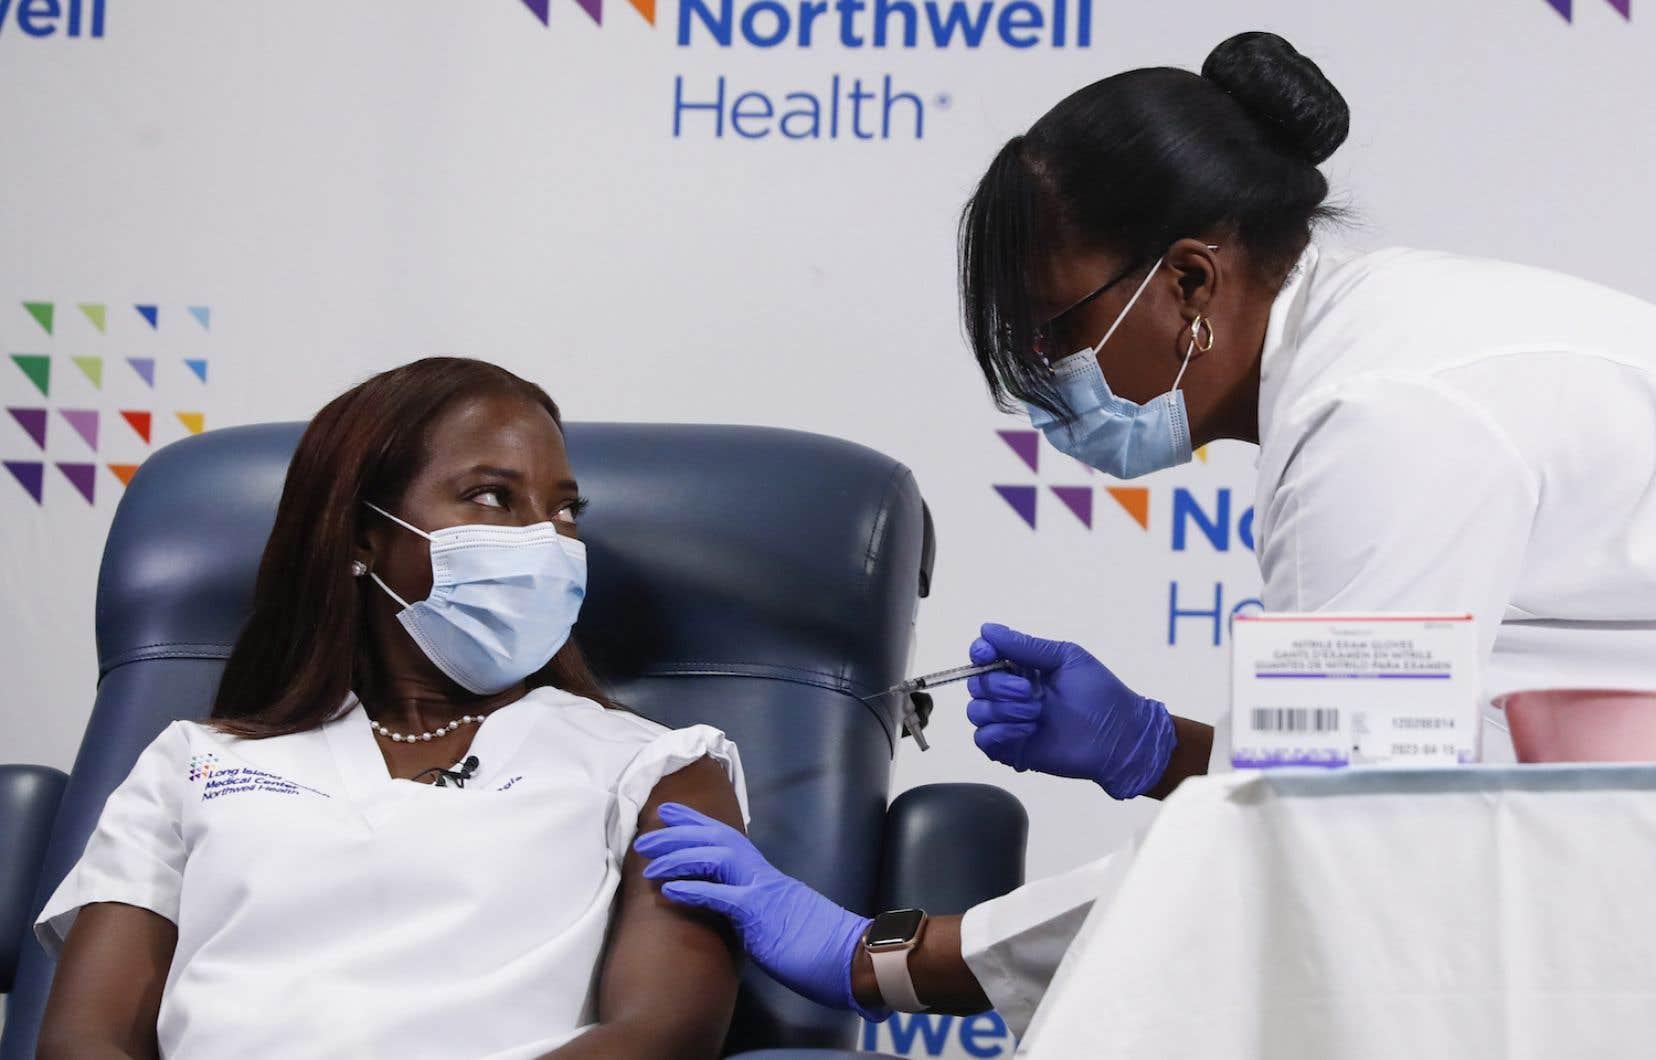 Trois semaines pile après sa première dose, l'infirmière Sandra Lindsay recevait lundi sa dose de rappel. Mi-décembre, elle était la première personne vaccinée dans le cadre d'un programme régulier contre la COVID-19 aux États-Unis.